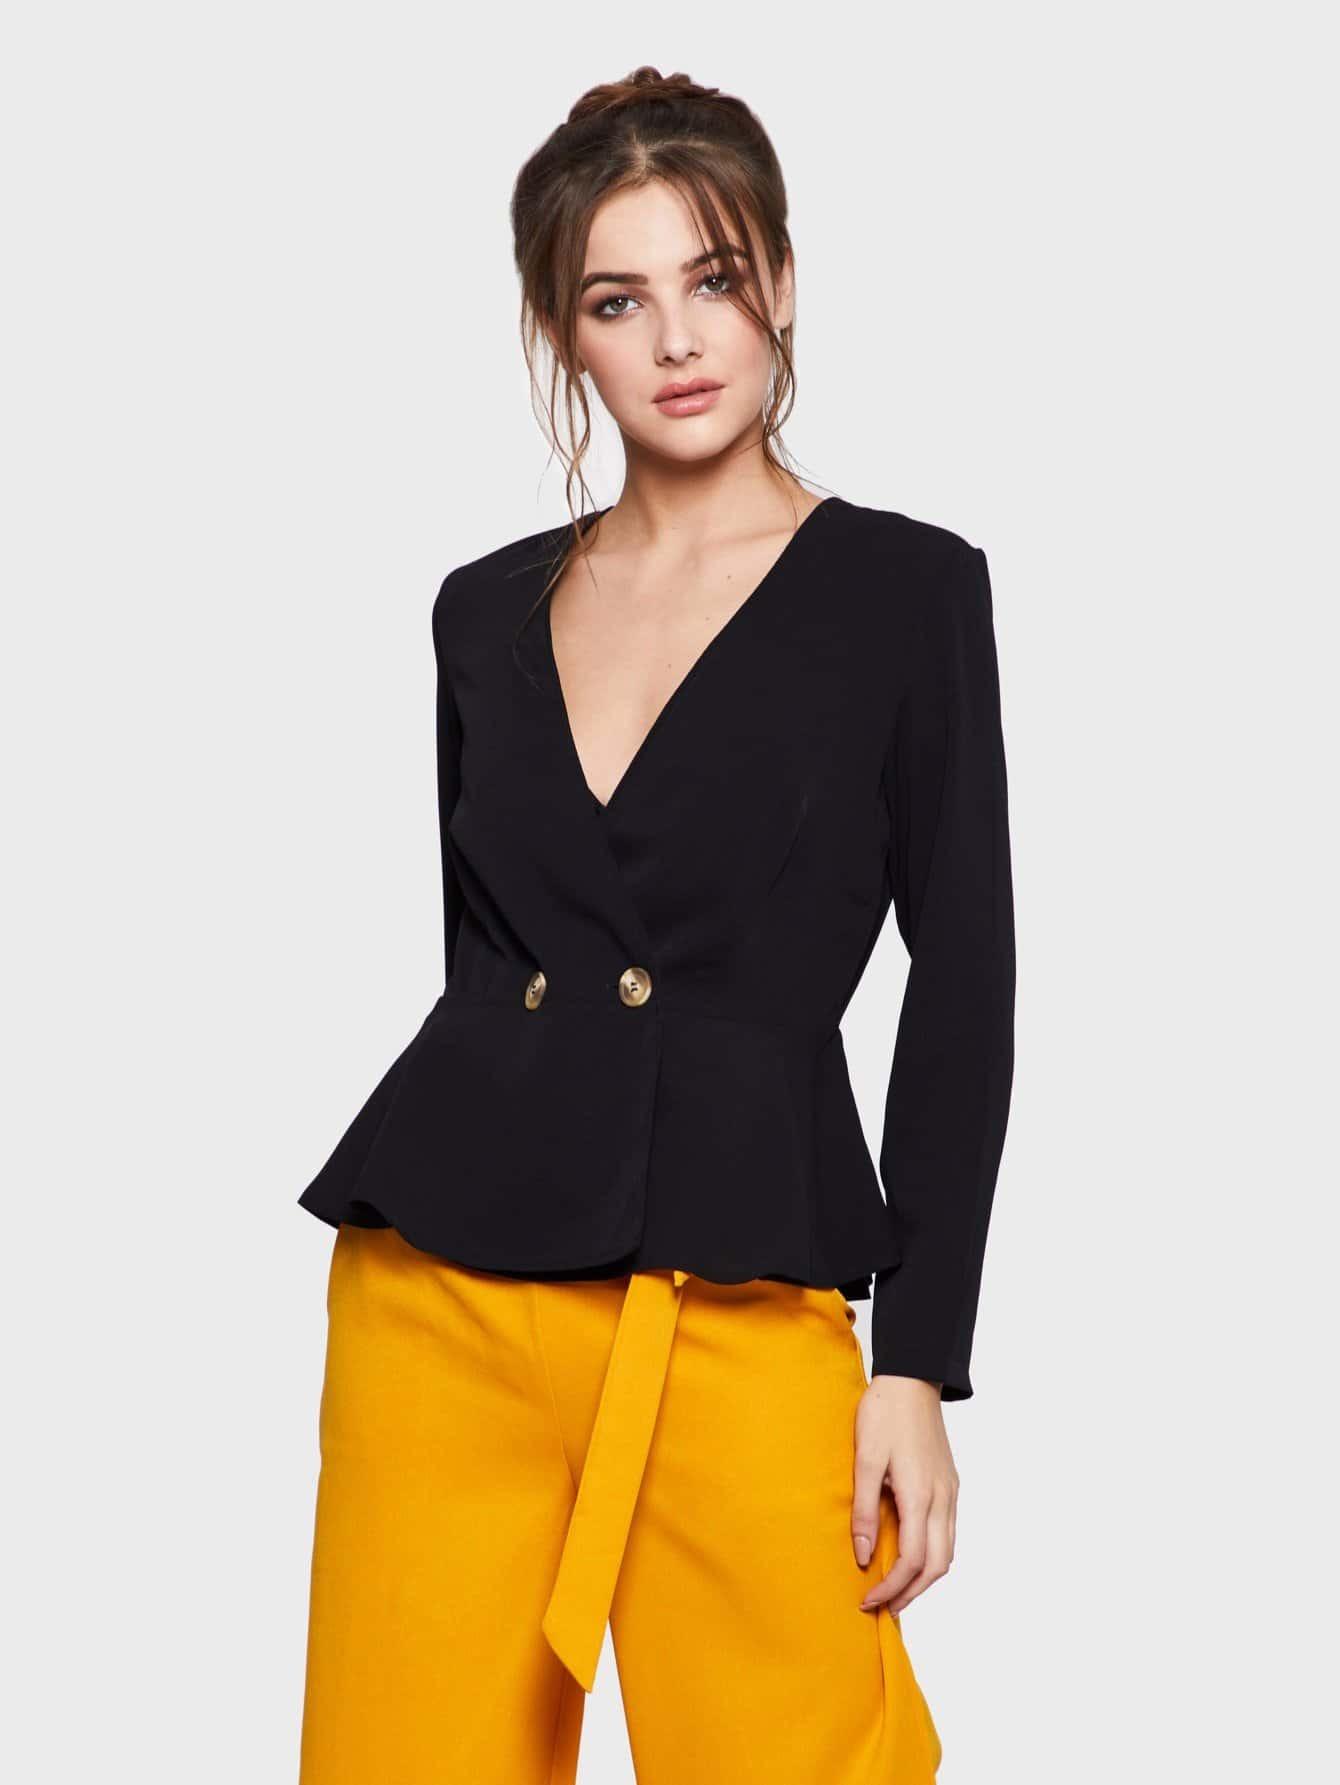 Купить Деловая одежда Ровный цвет на пуговицах Черный Пиджаки, Gracea, SheIn